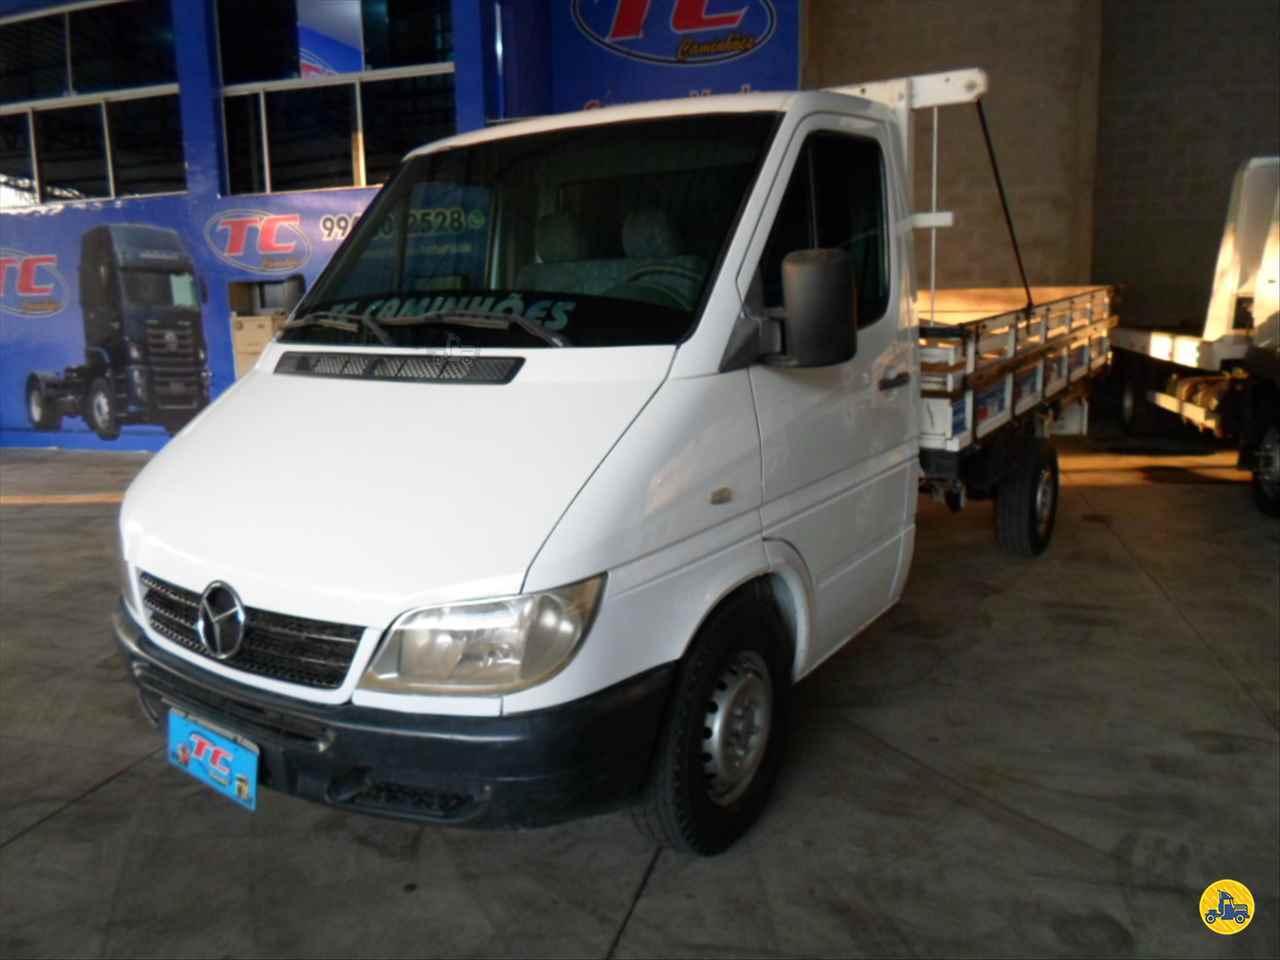 UTILITARIOS MERCEDES-BENZ Sprinter Chassi 311 TC Caminhões  BELO HORIZONTE MINAS GERAIS MG